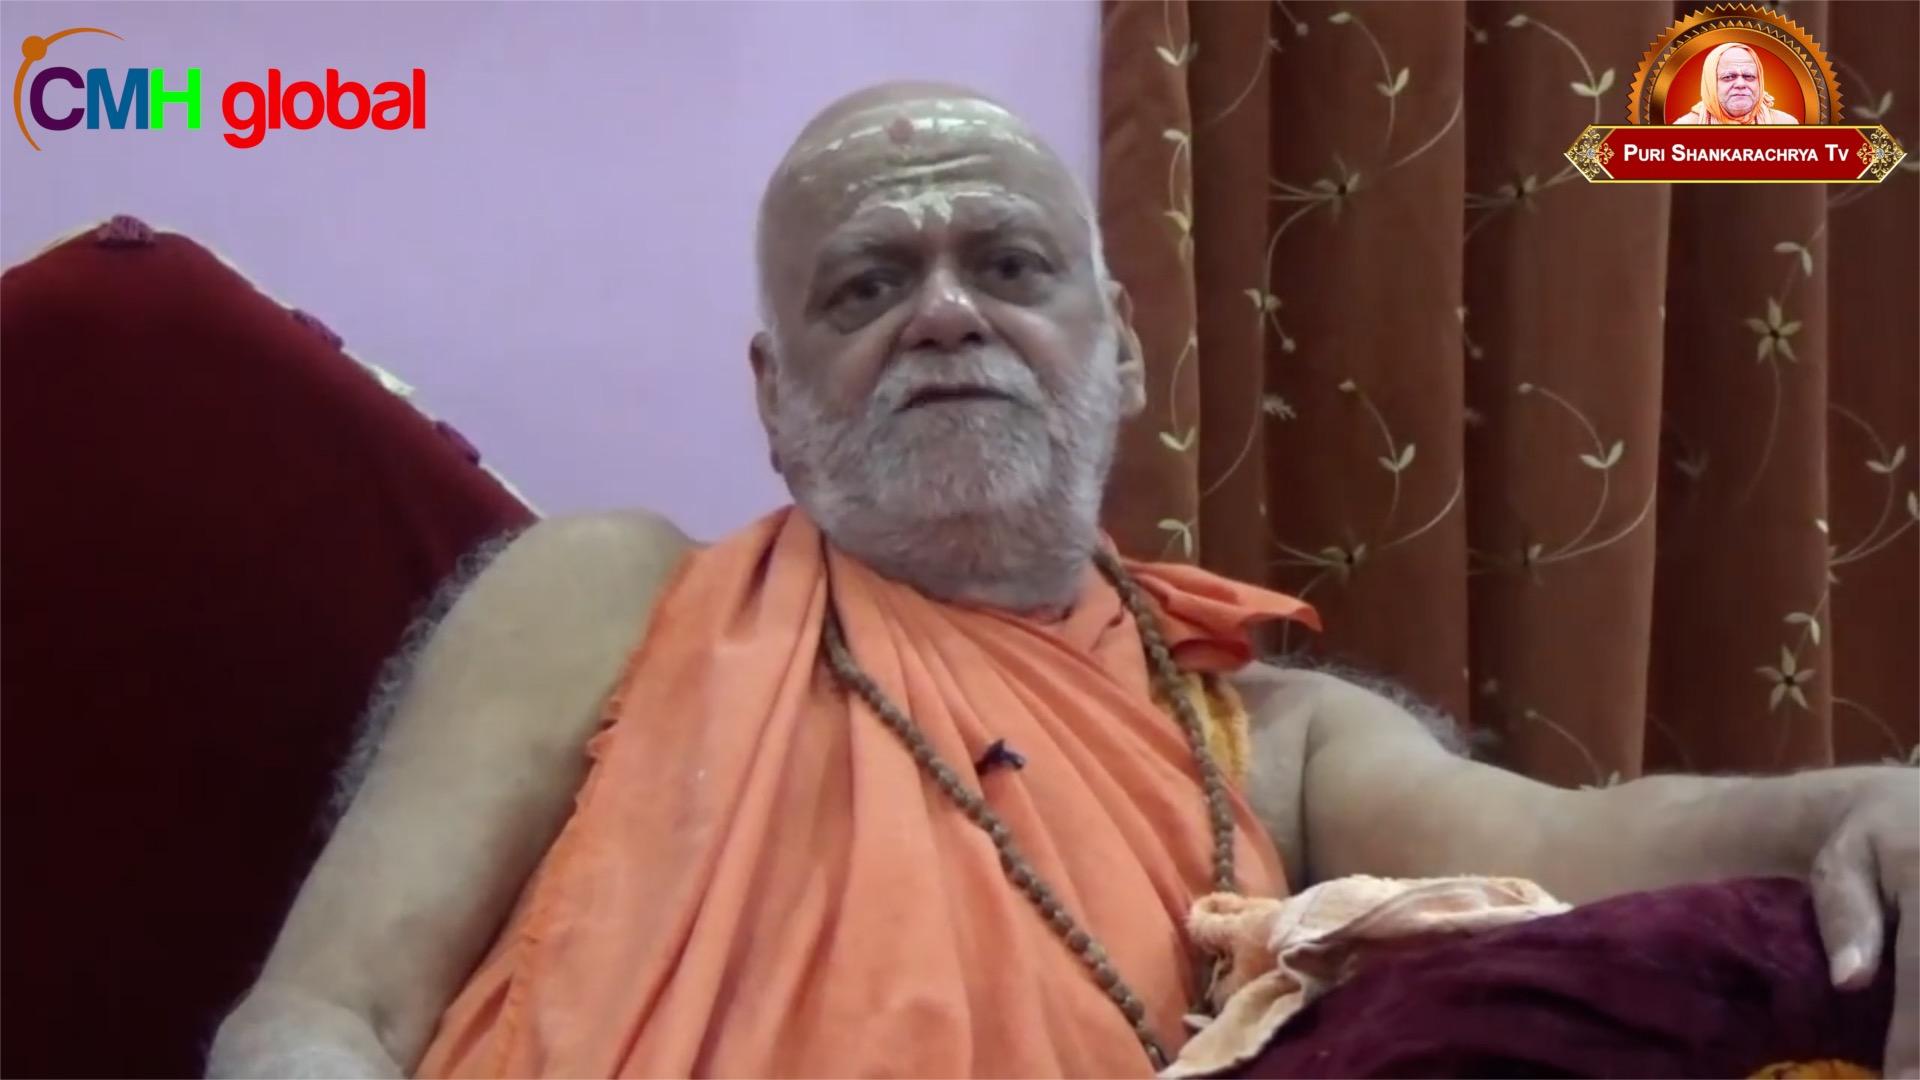 Gyan Dhara Ep -48 by Puri Shankaracharya Swami Nishchalananda Saraswati Ji